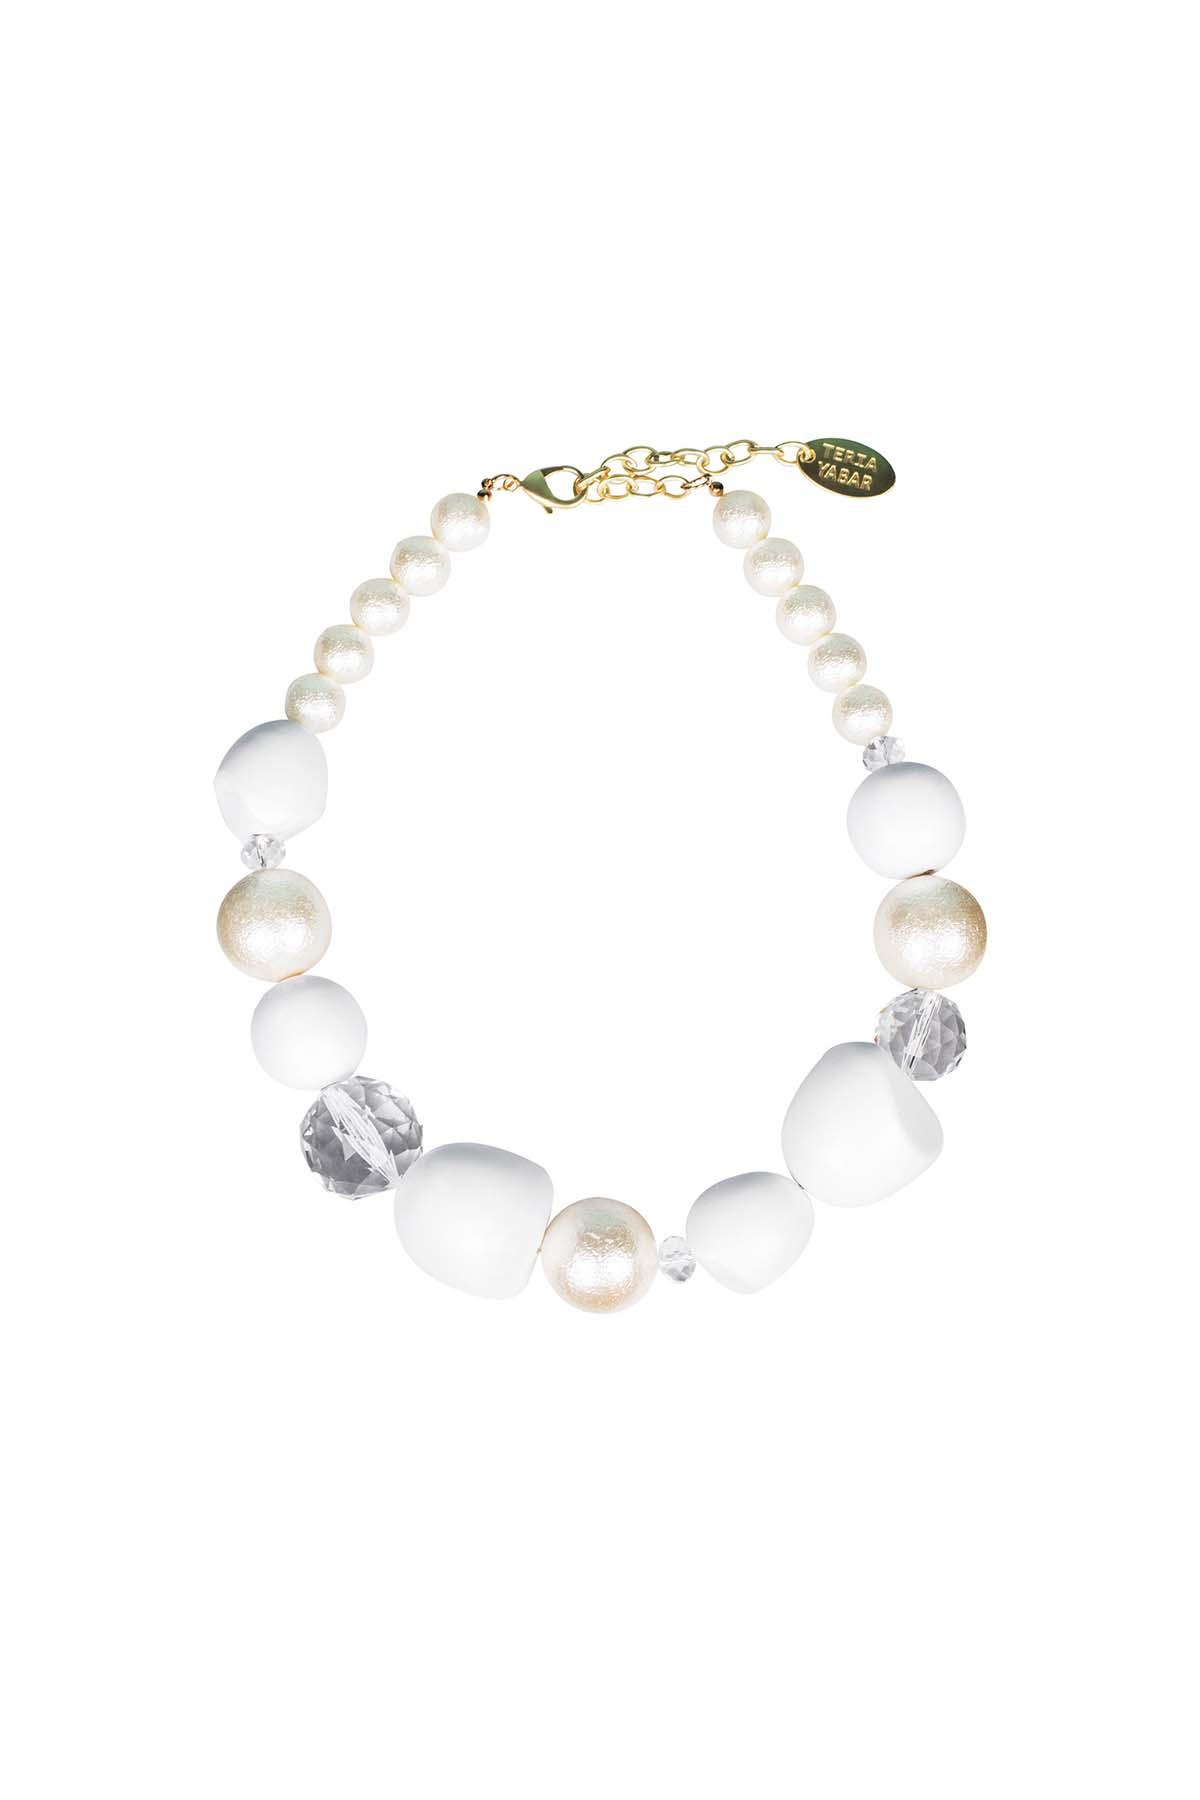 Teria Yabar - Collar de piedras y perlas blancas